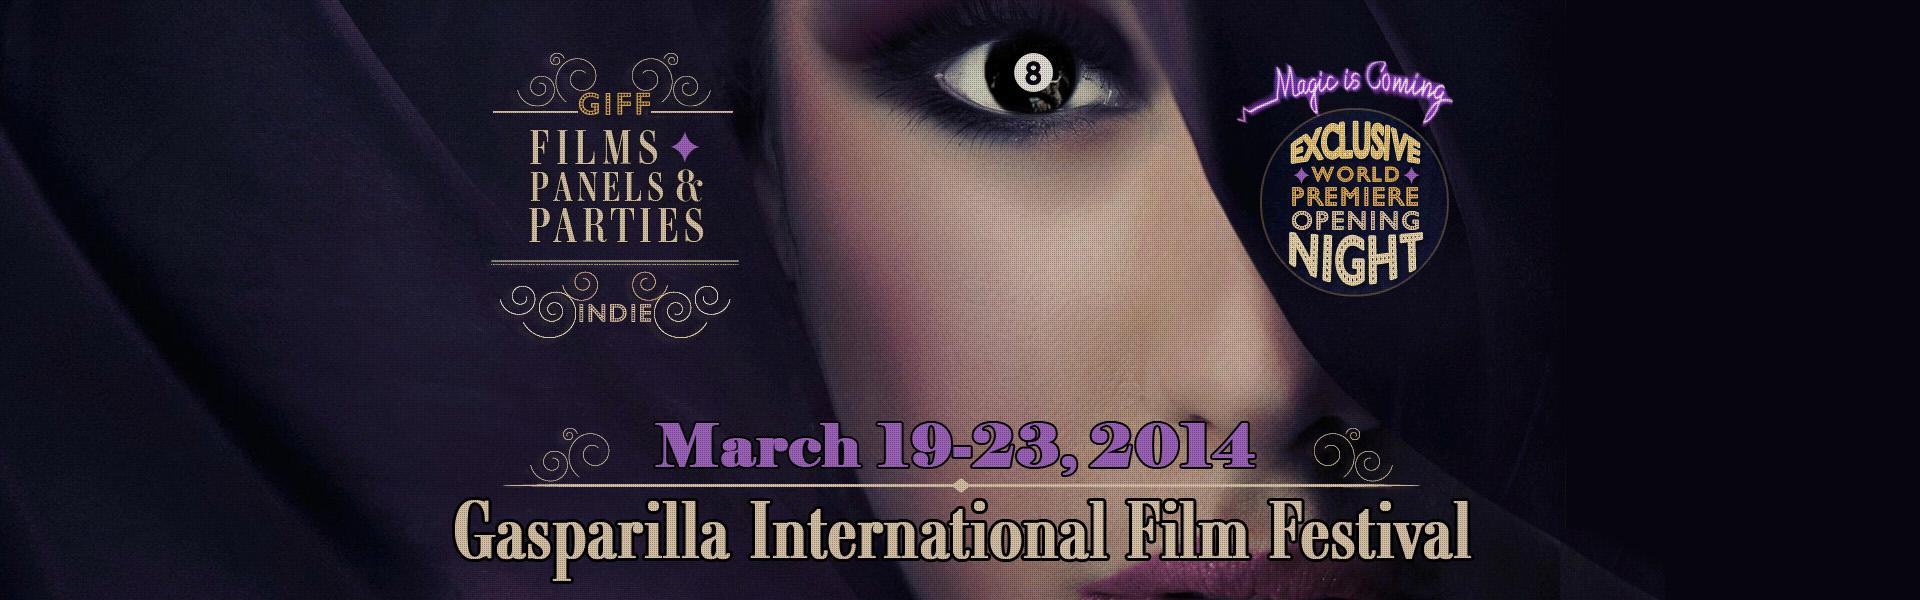 Gasparilla-International-Film-Festival-2014-Buy-Tickets.jpg